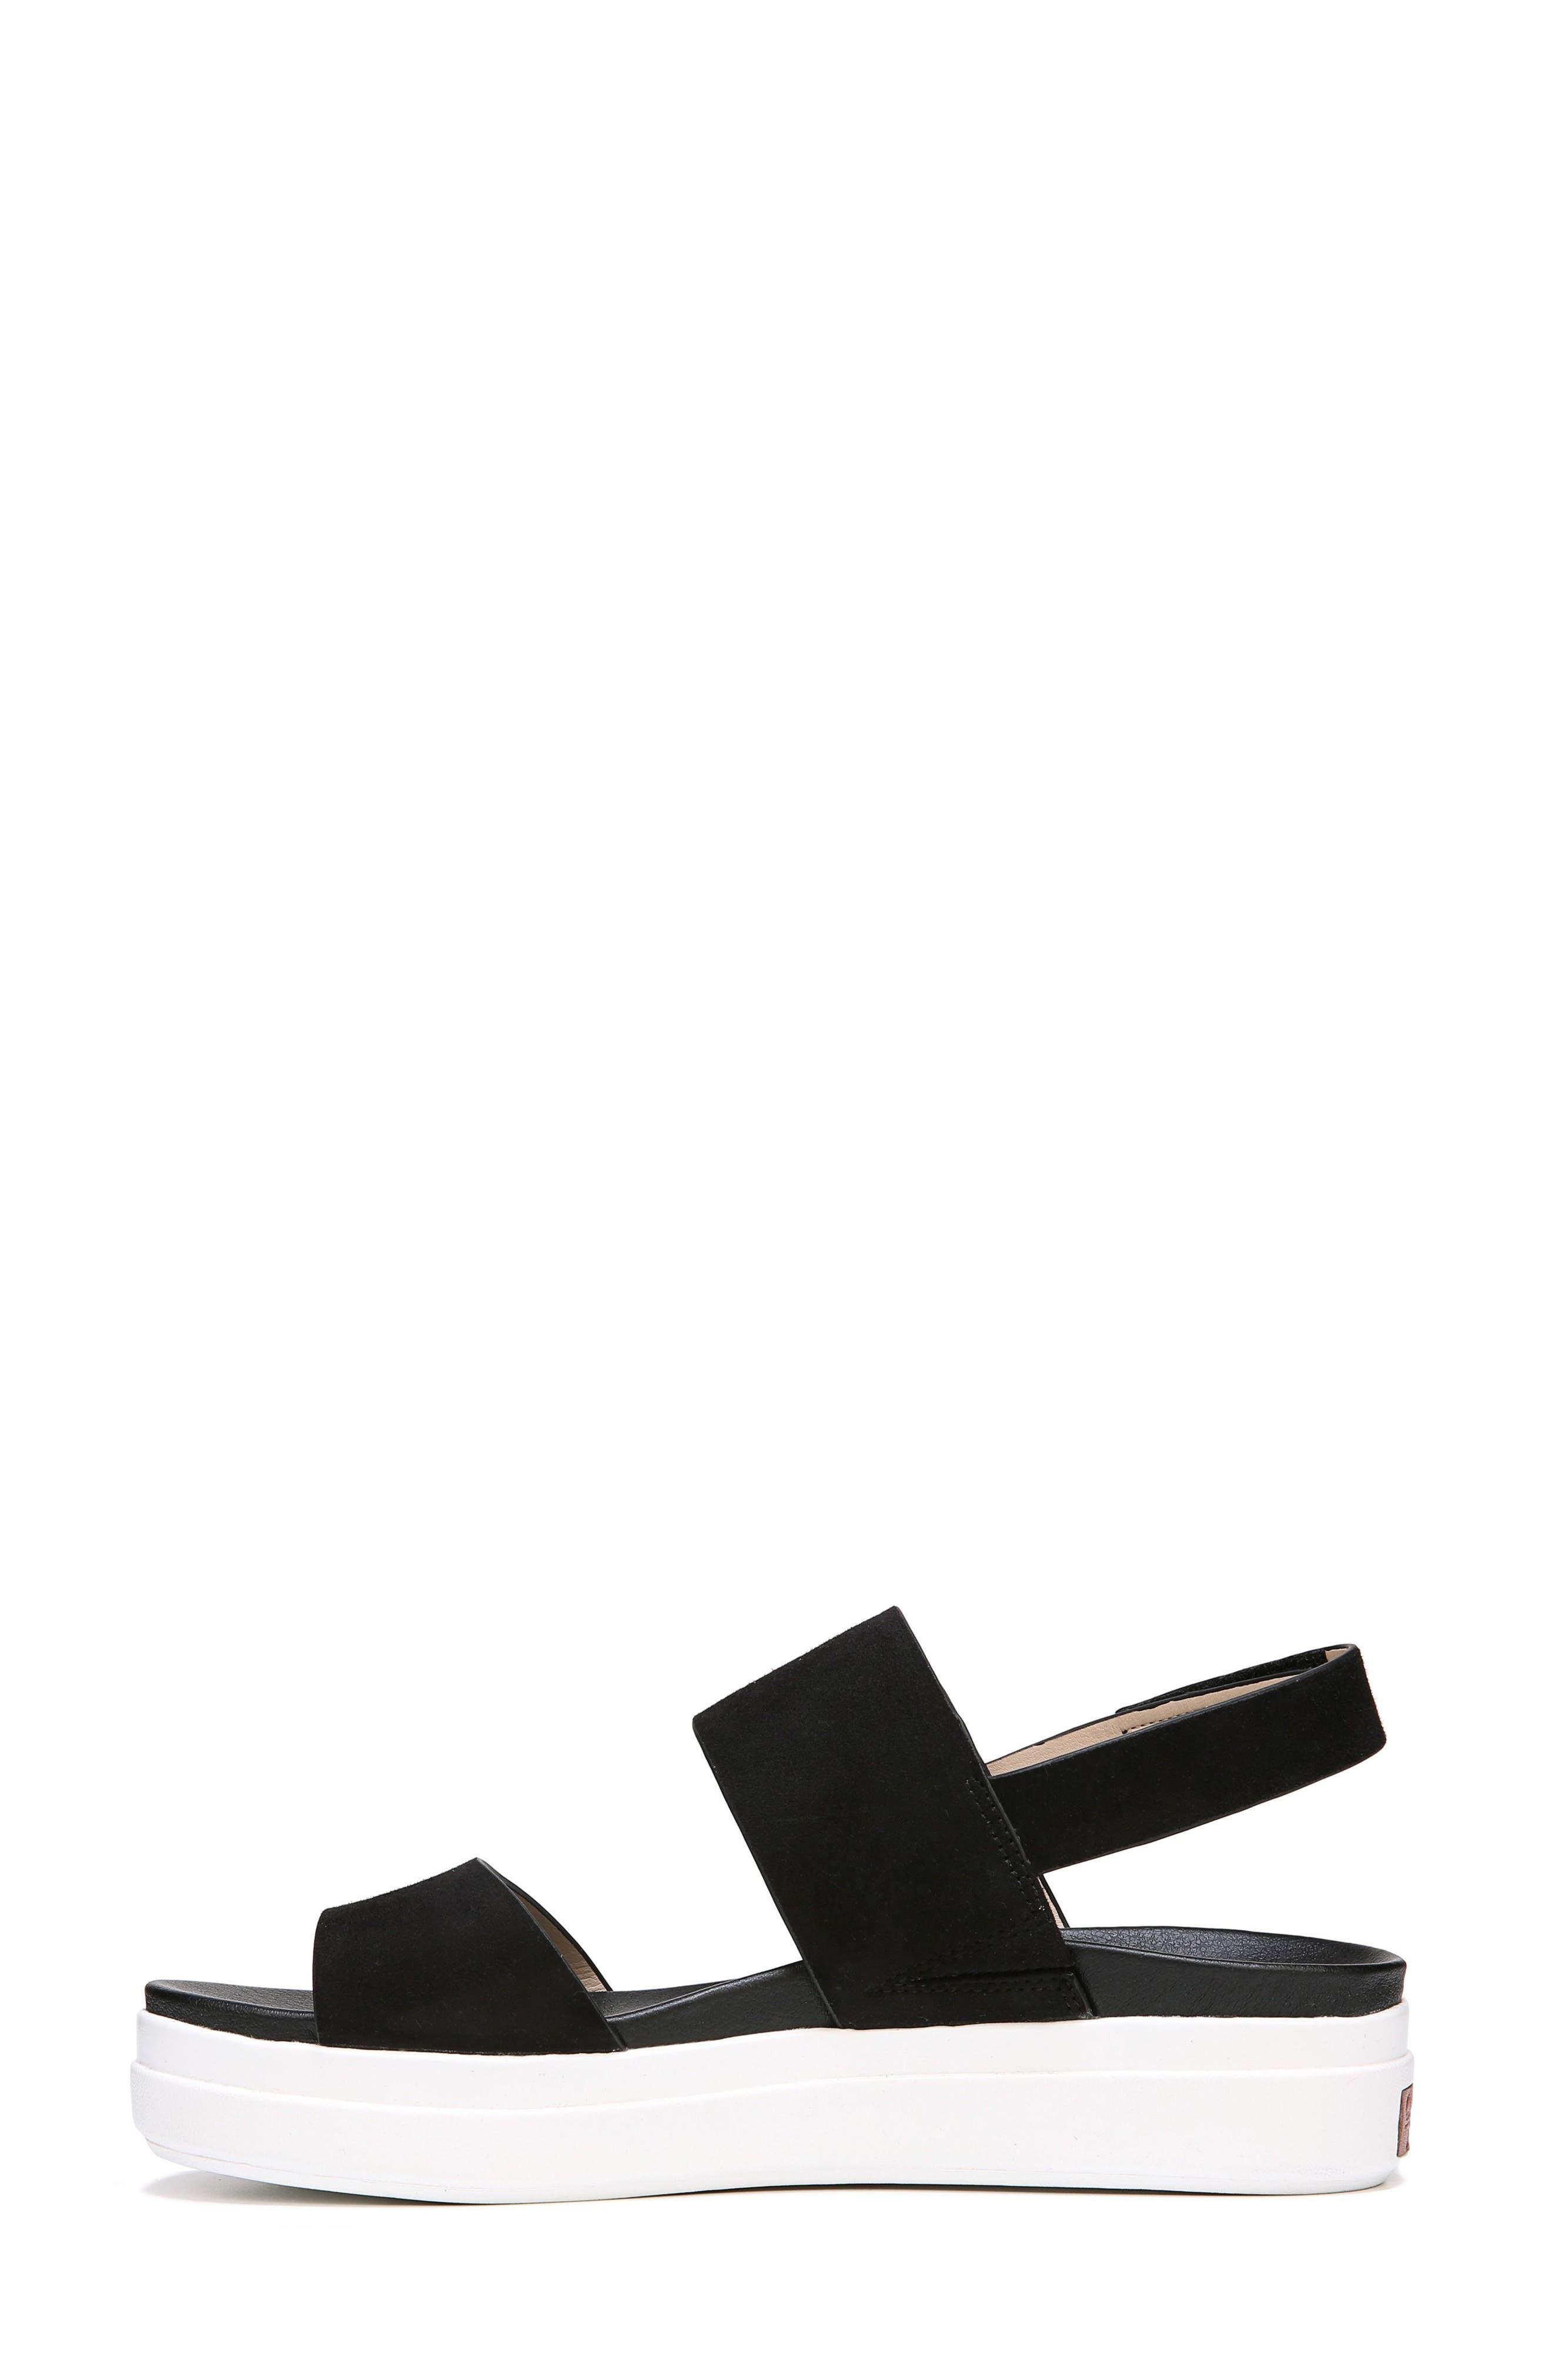 Scout Platform Sandal,                             Alternate thumbnail 3, color,                             BLACK SUEDE